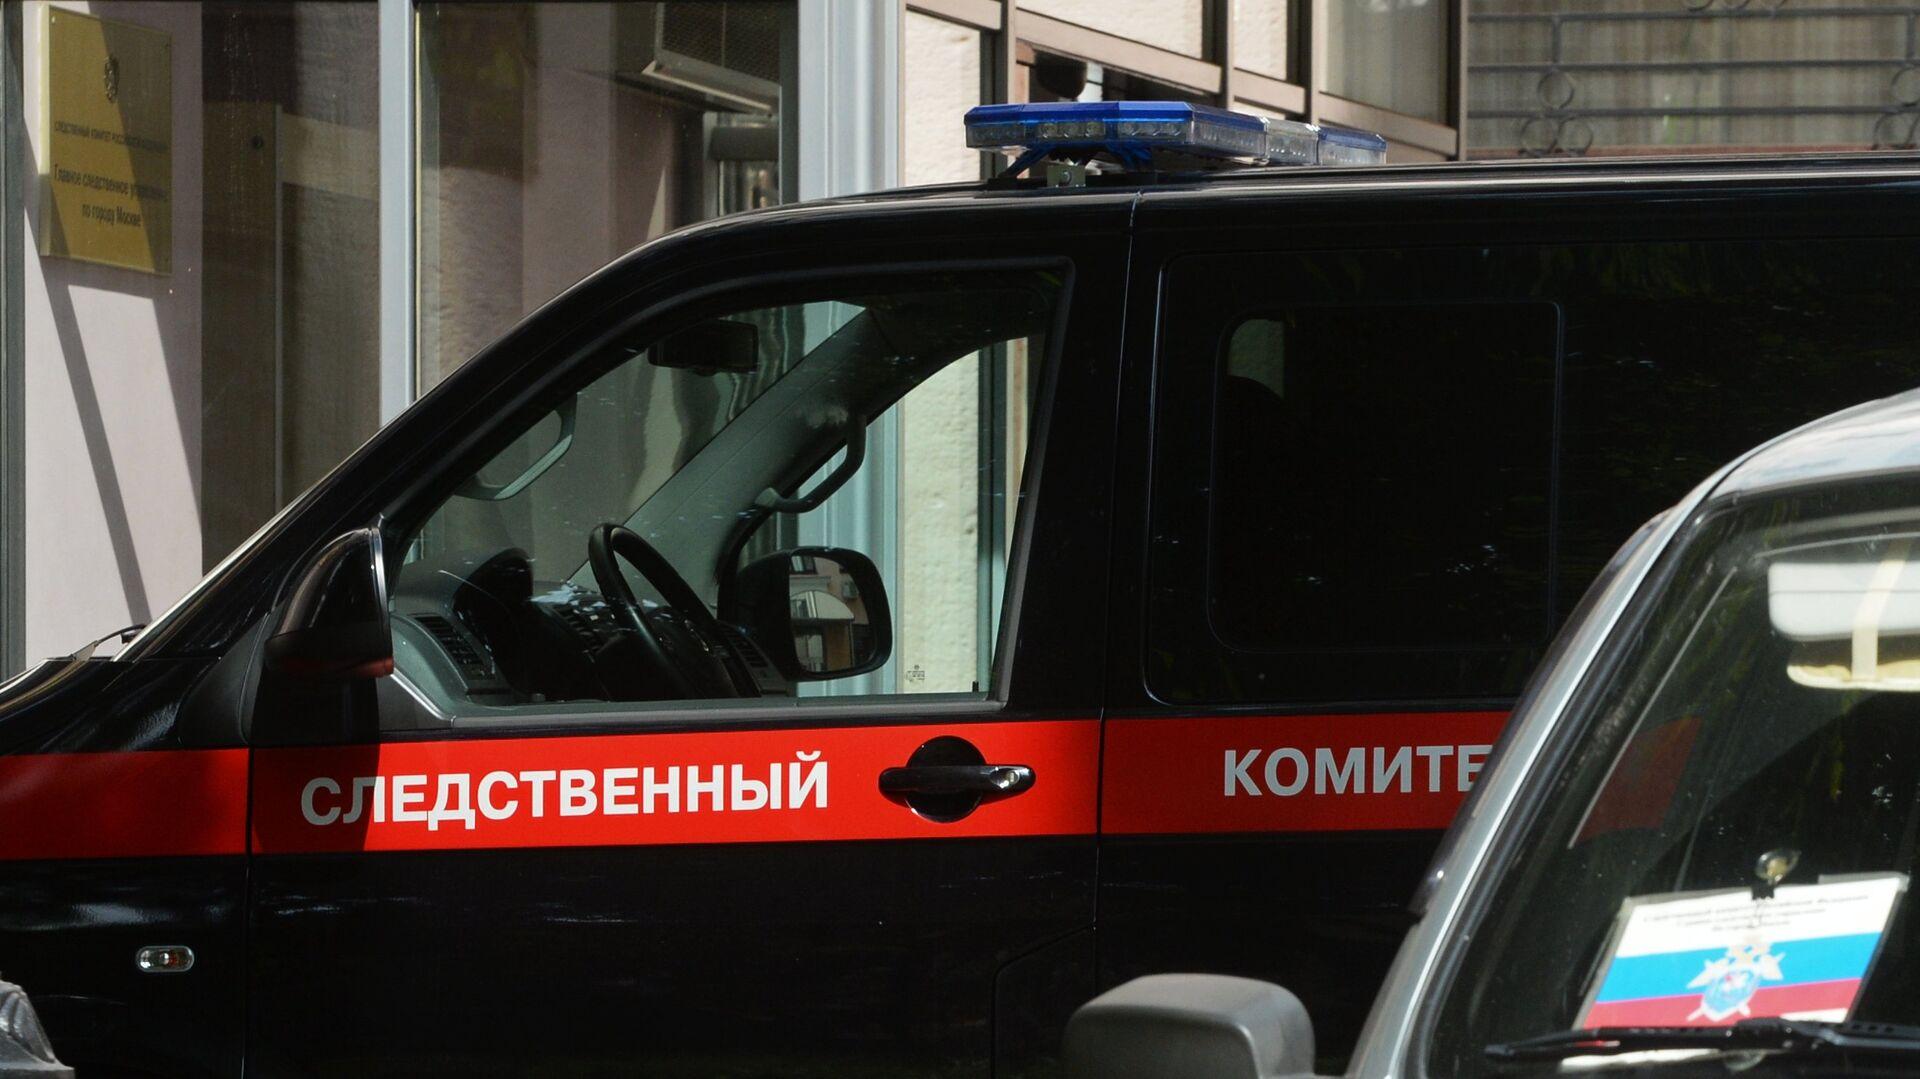 В Нижнем Новгороде в подъезде нашли тело мужчины